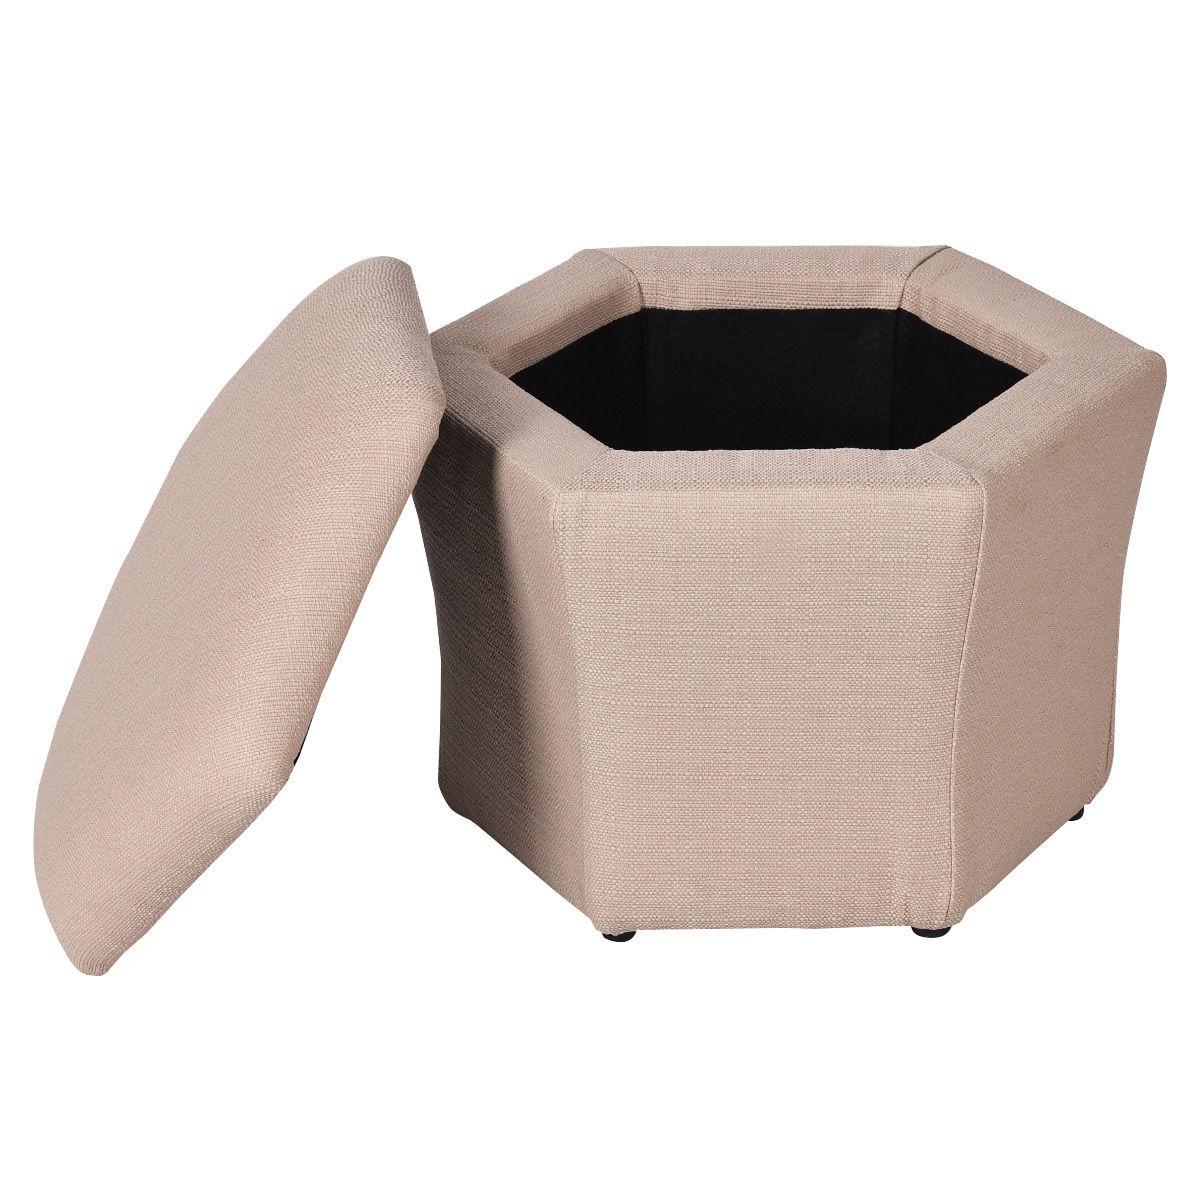 Set of 2 Ottomans Seat Storage Boxes